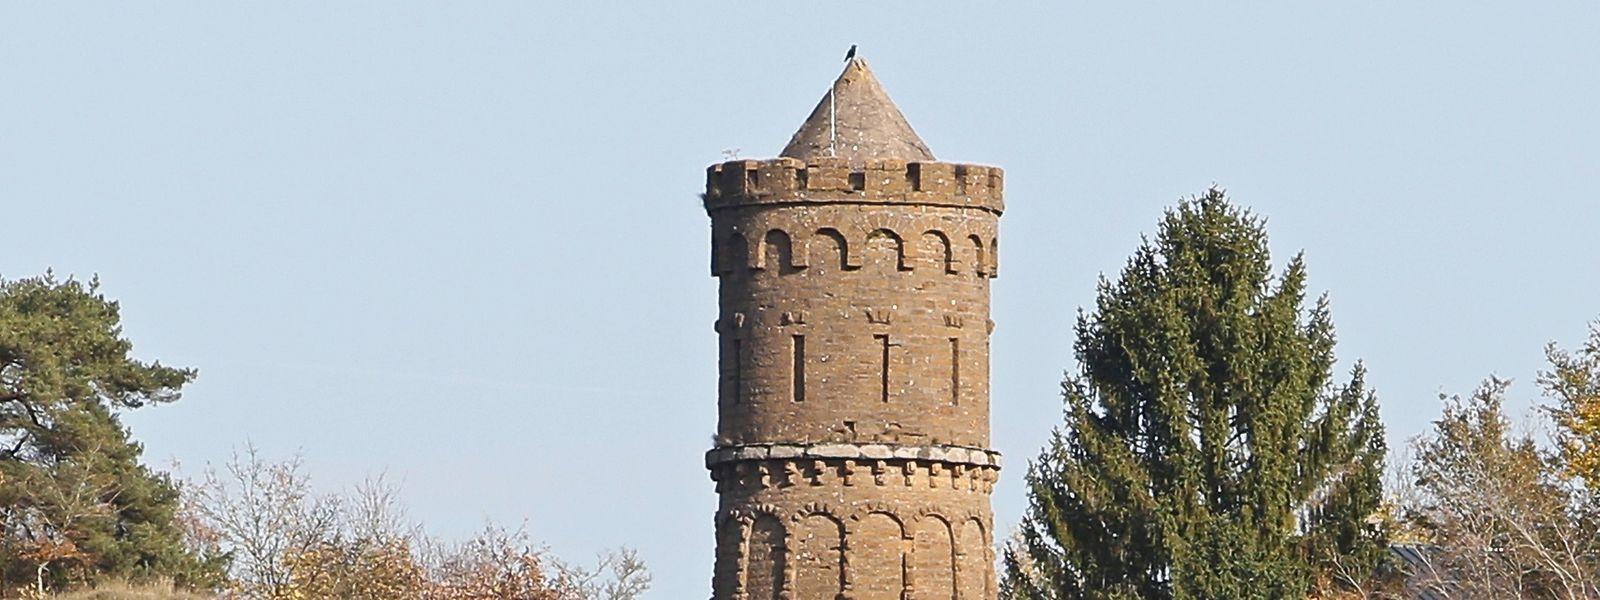 Der frühere Wasserturm um Perchesbierg war bis 1976 in Betrieb. Ein neuer Wasserspeicher steht am Hutbierg.